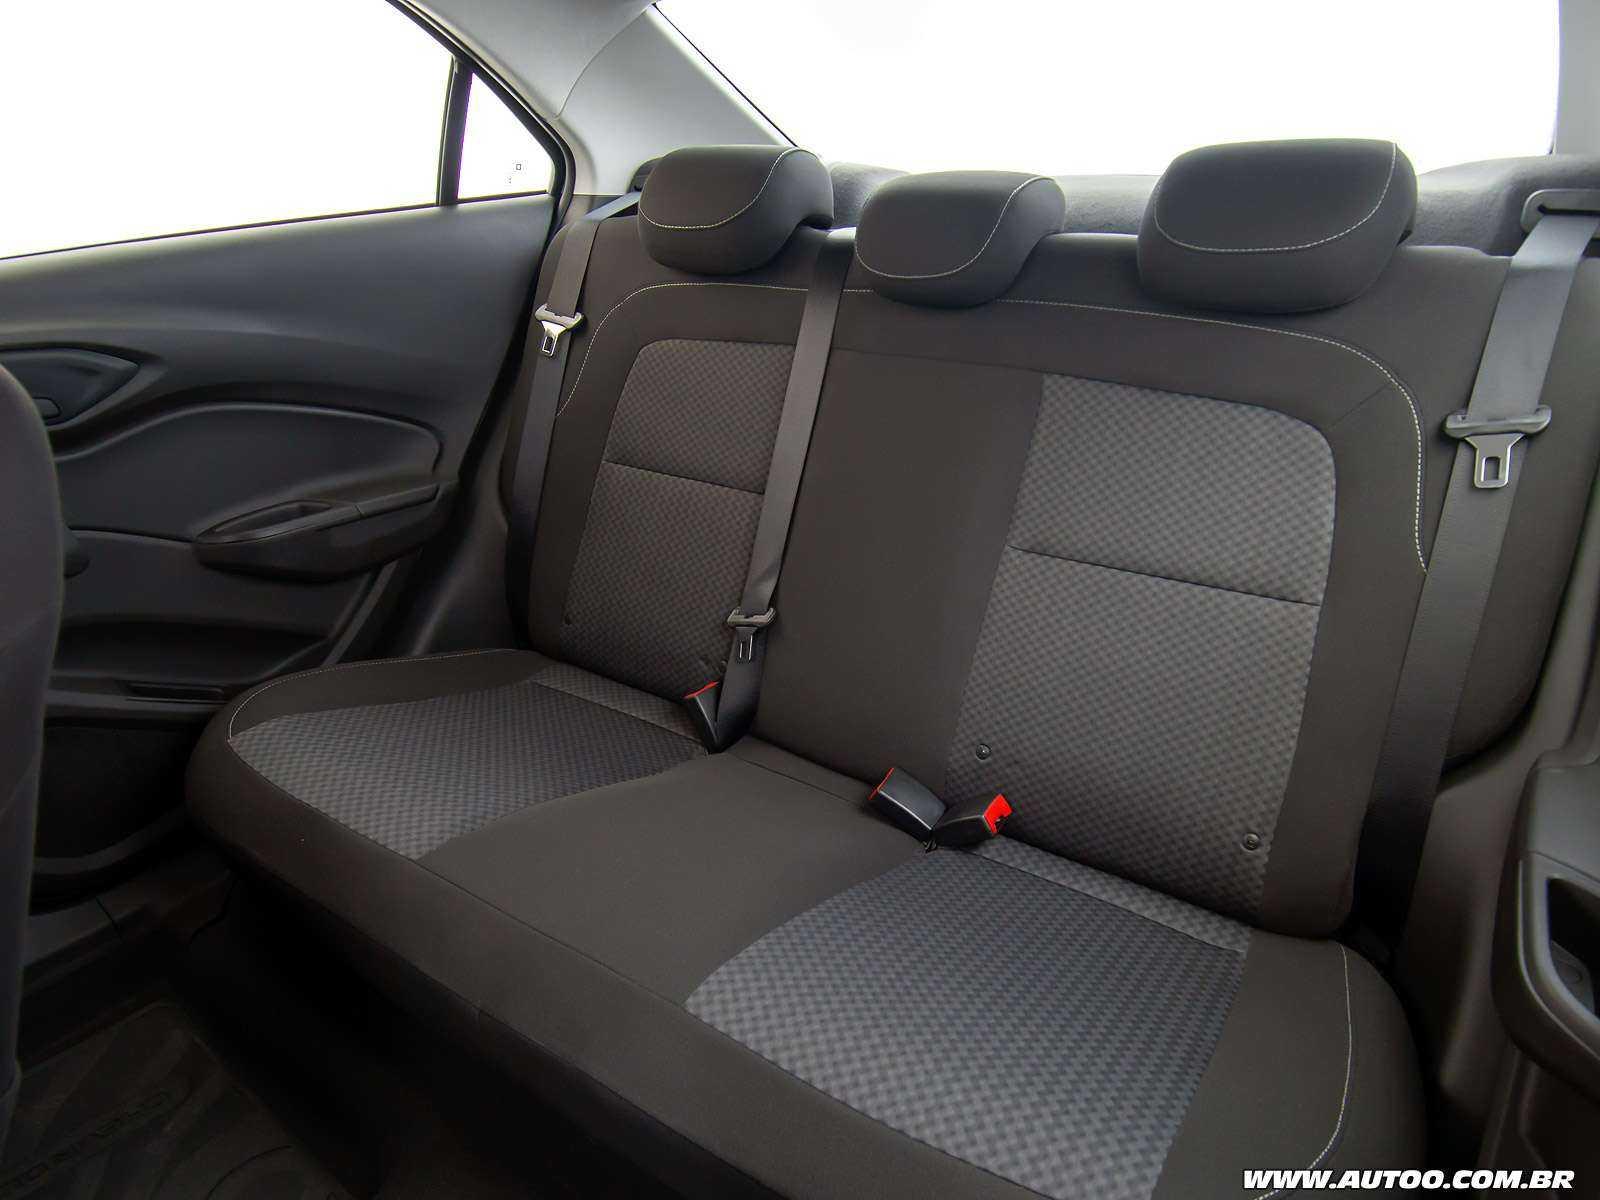 ChevroletPrisma 2019 - bancos traseiros